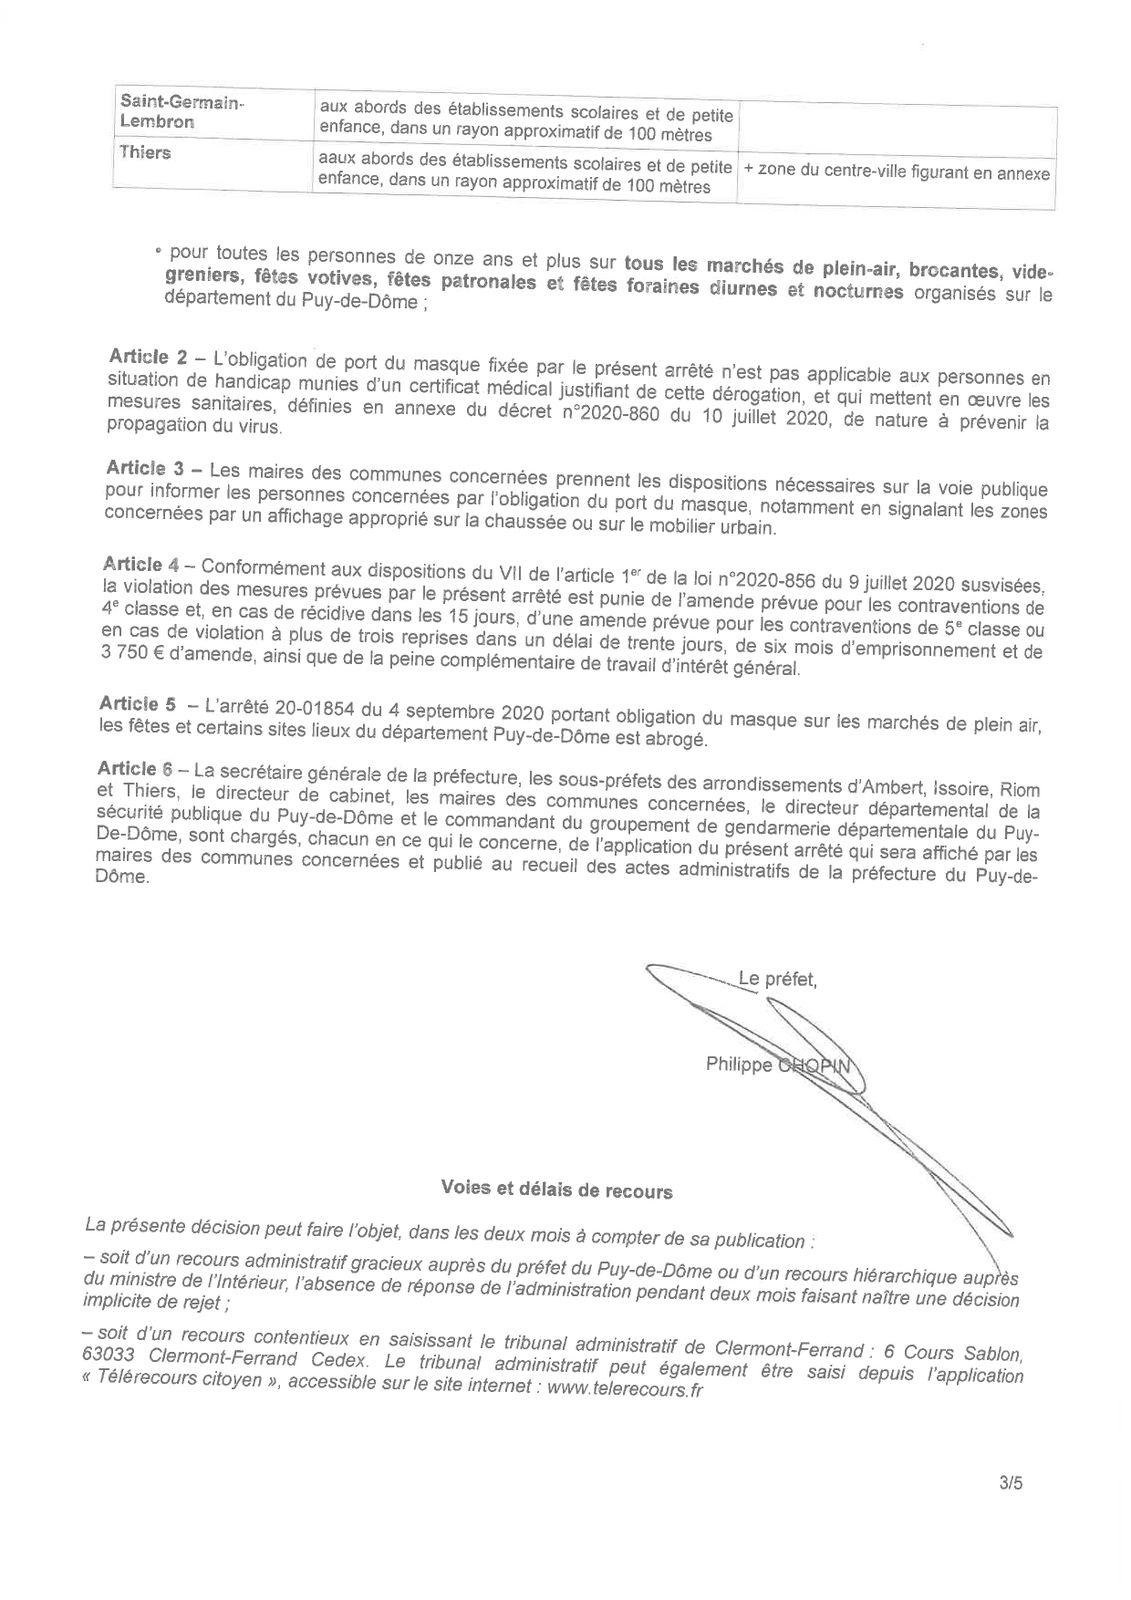 Arrêté pour le port du masque obligatoire dans certains lieux du département du Puy De Dôme